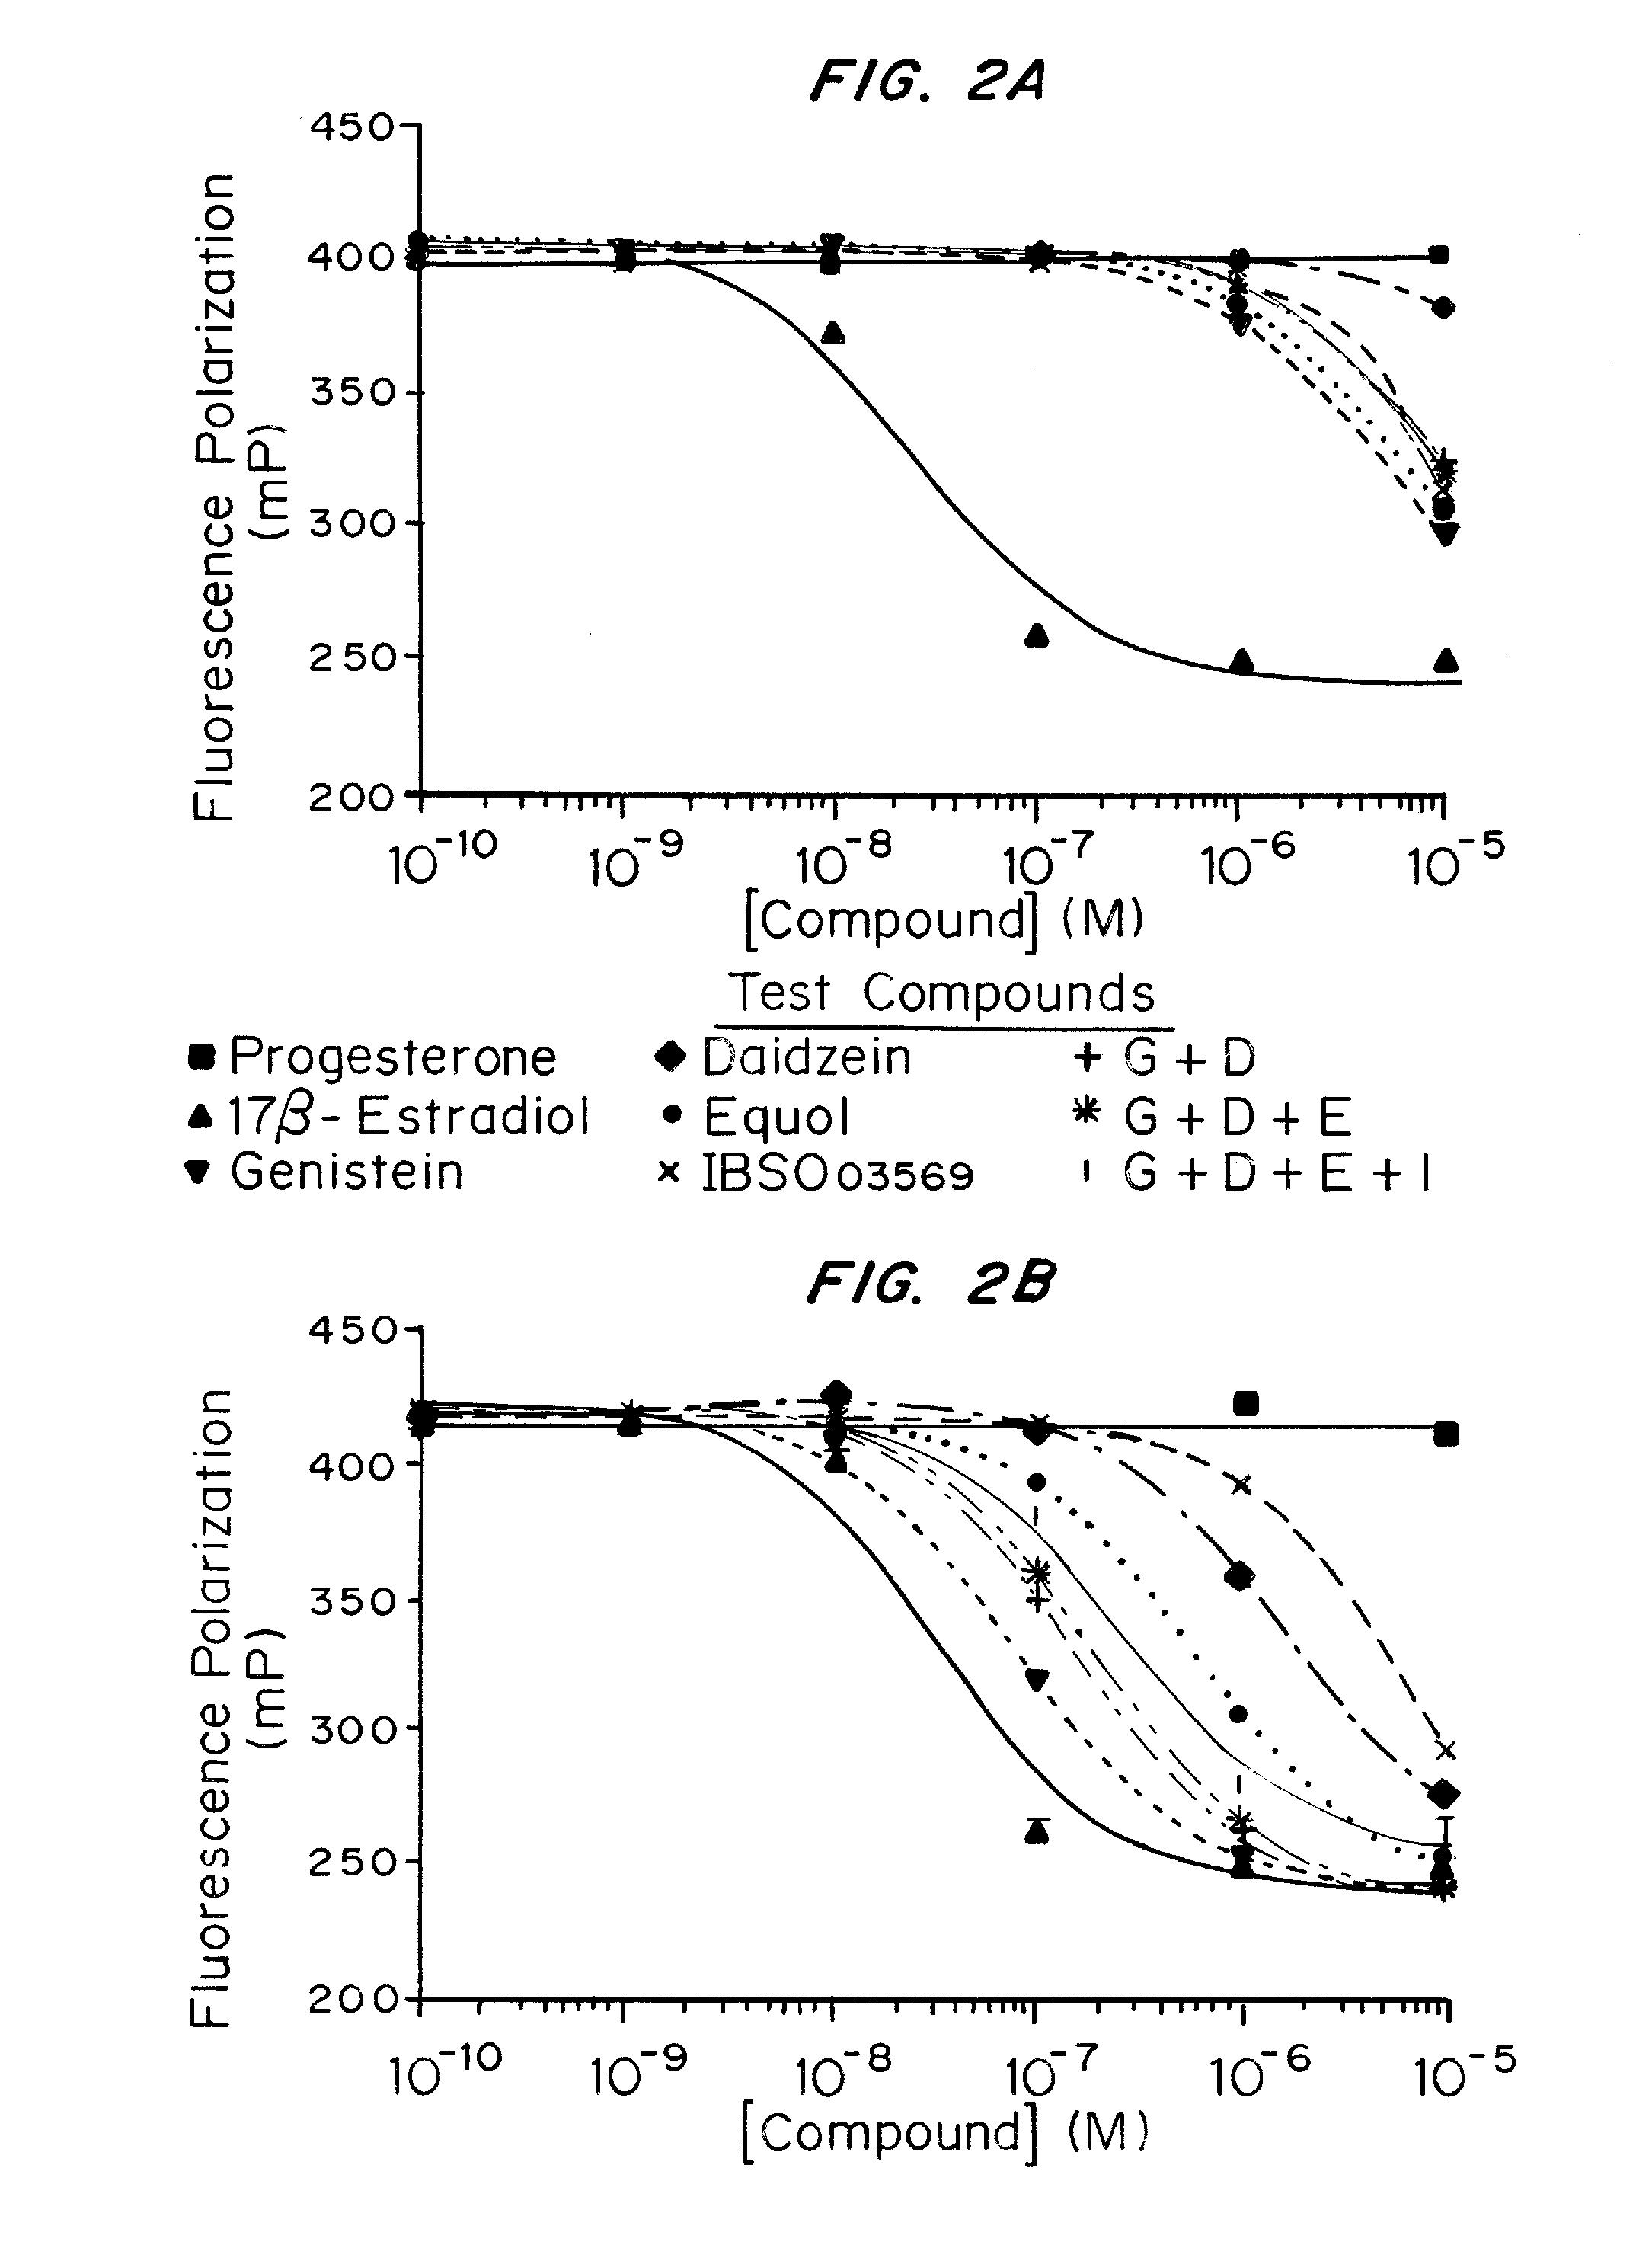 enclomiphene soft gelatin capsules used for electron